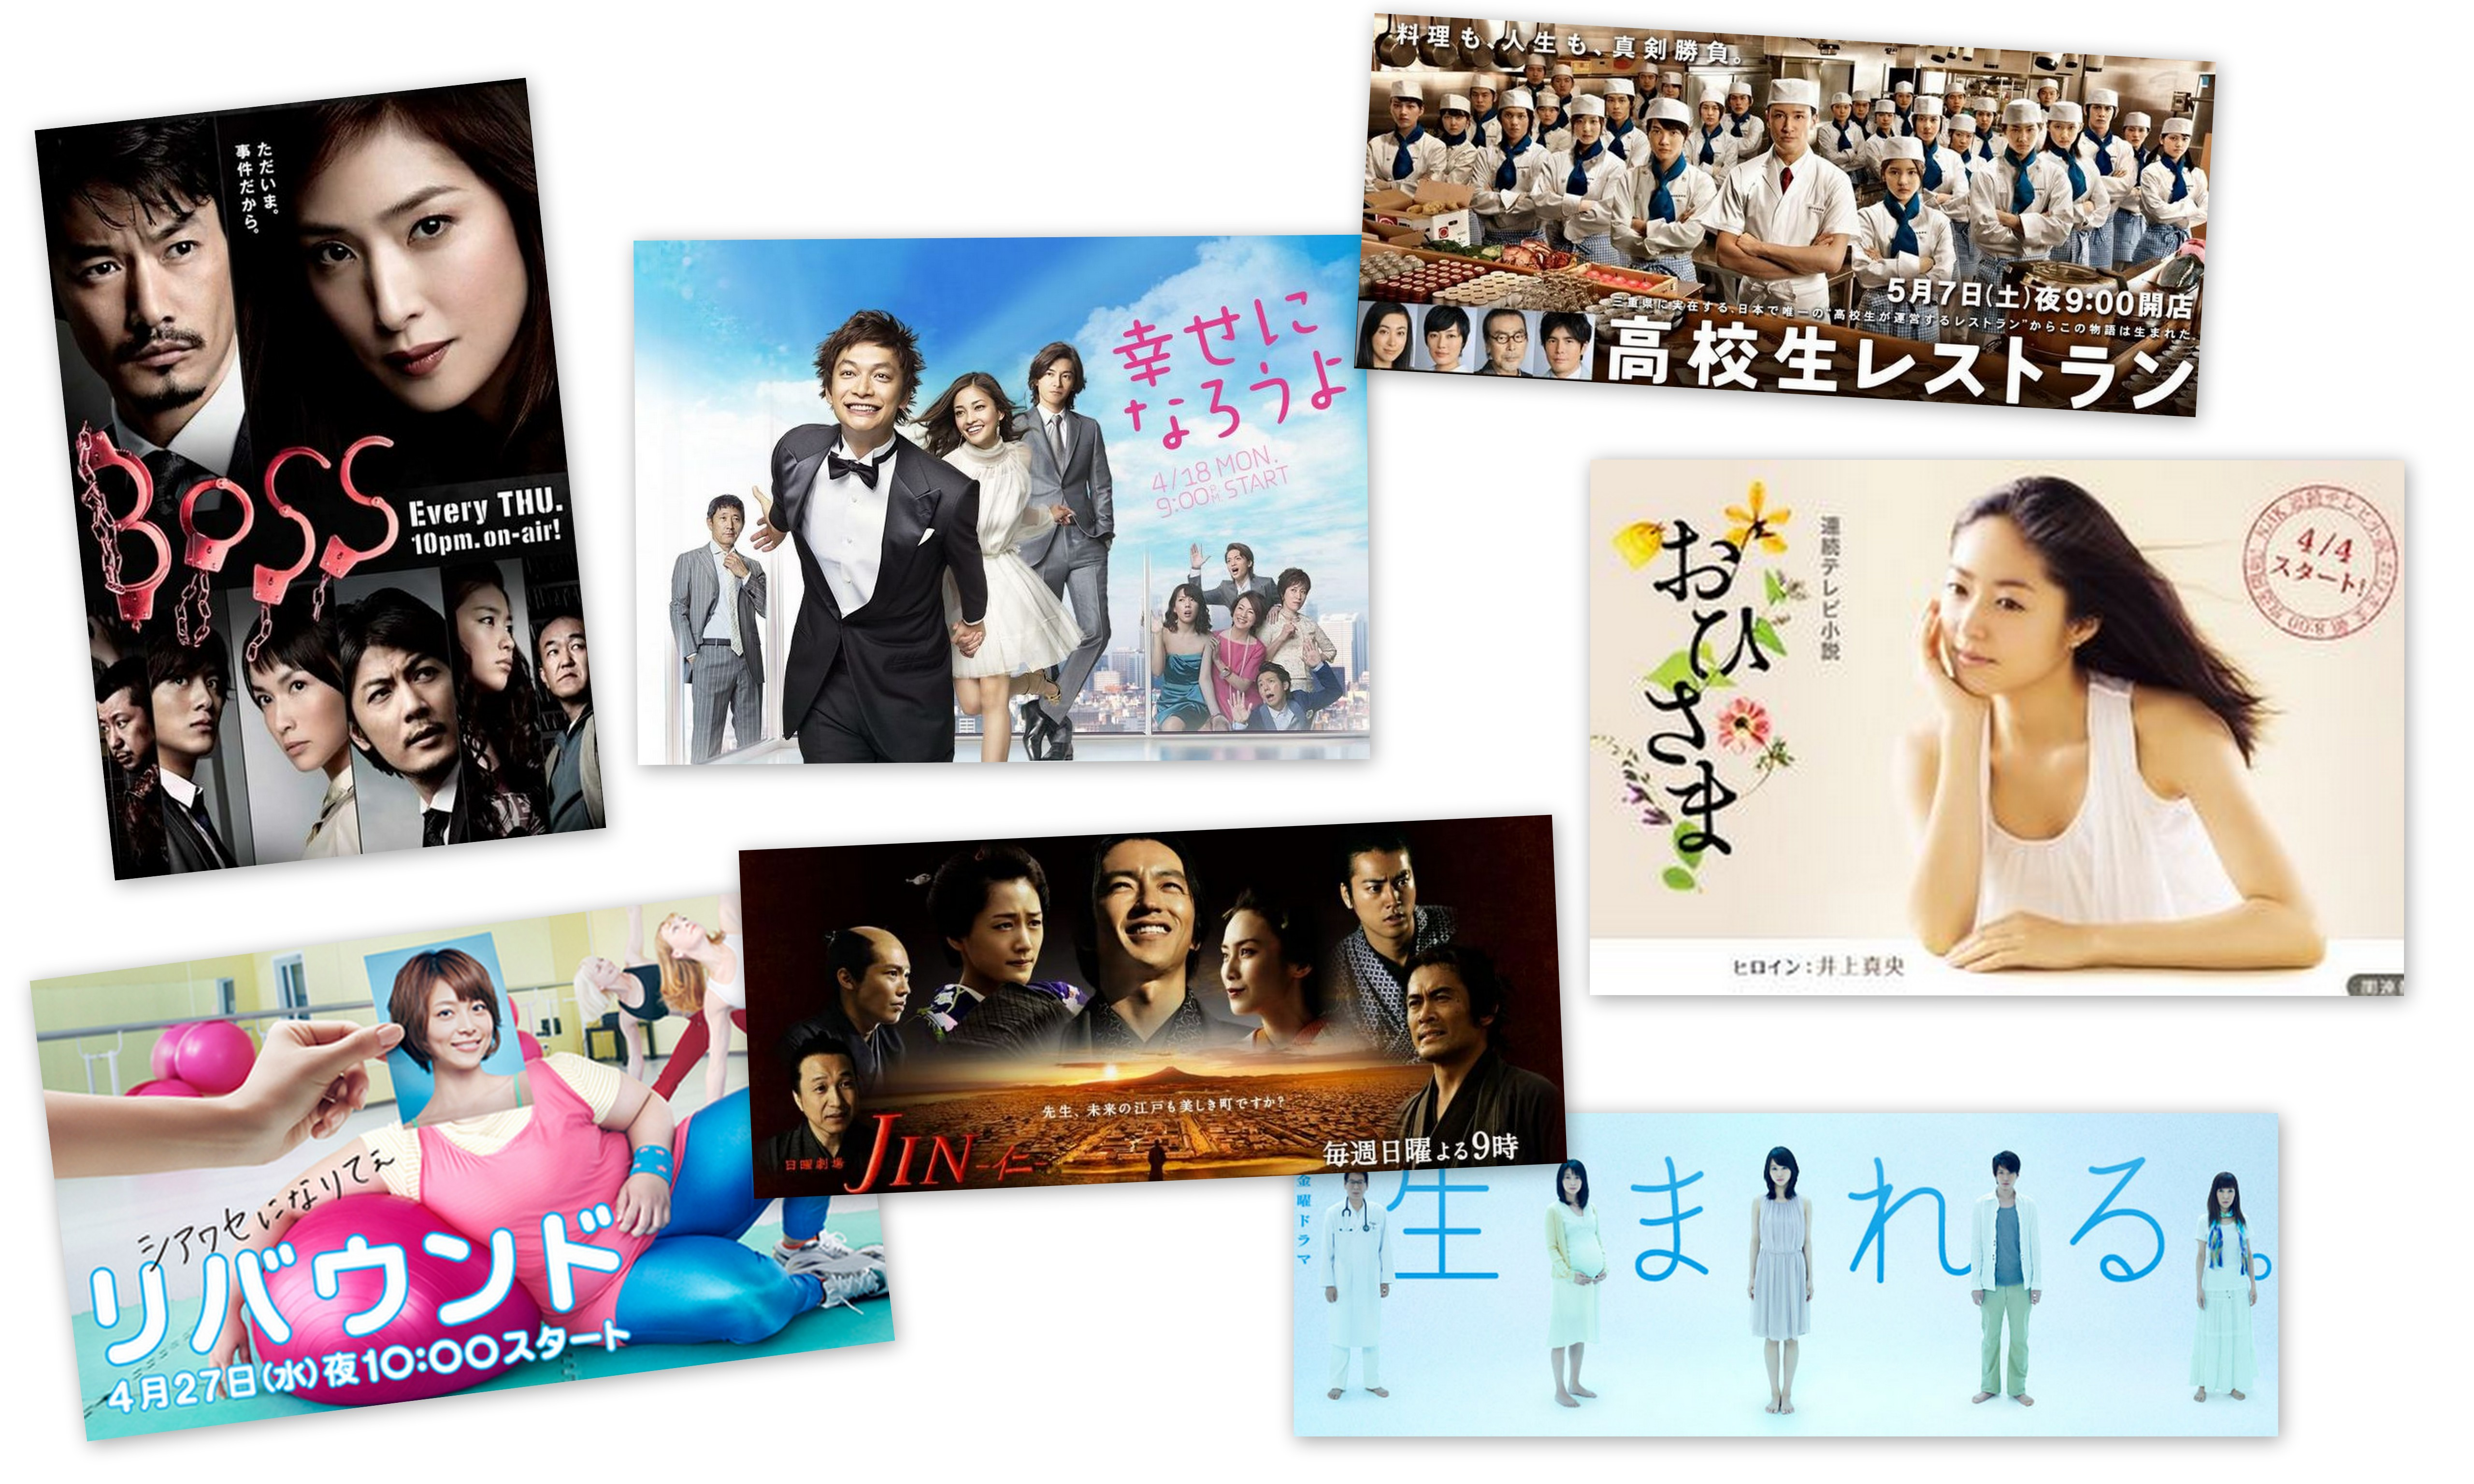 drama japonais printemps 2011